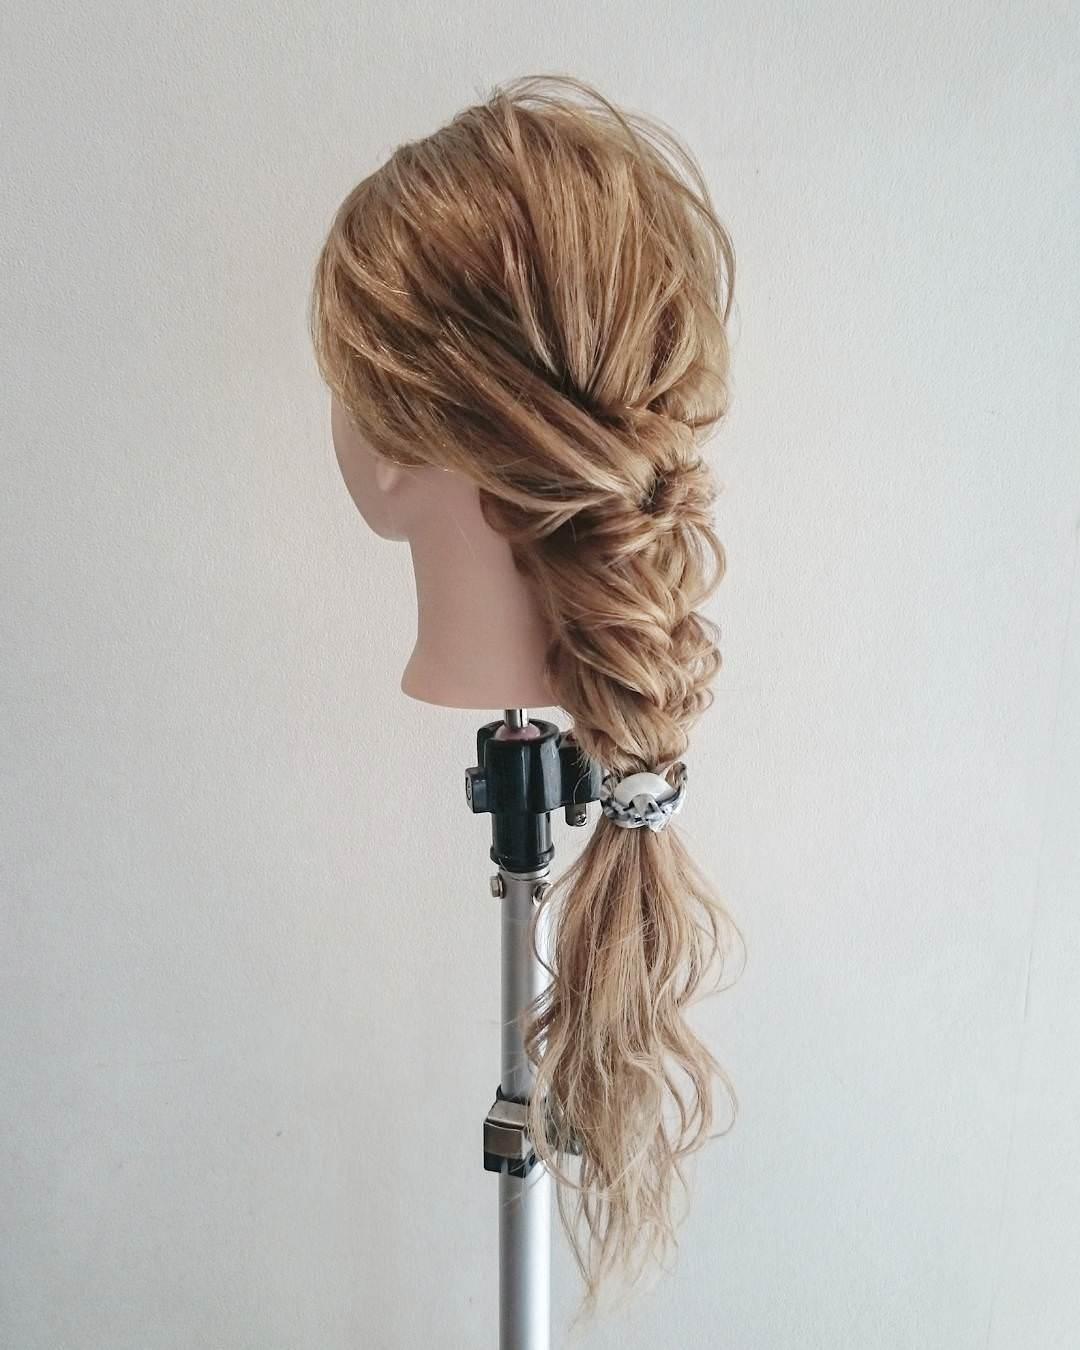 2 【保存版】トレンドの可愛いヘアスタイル・髪型大発表!7